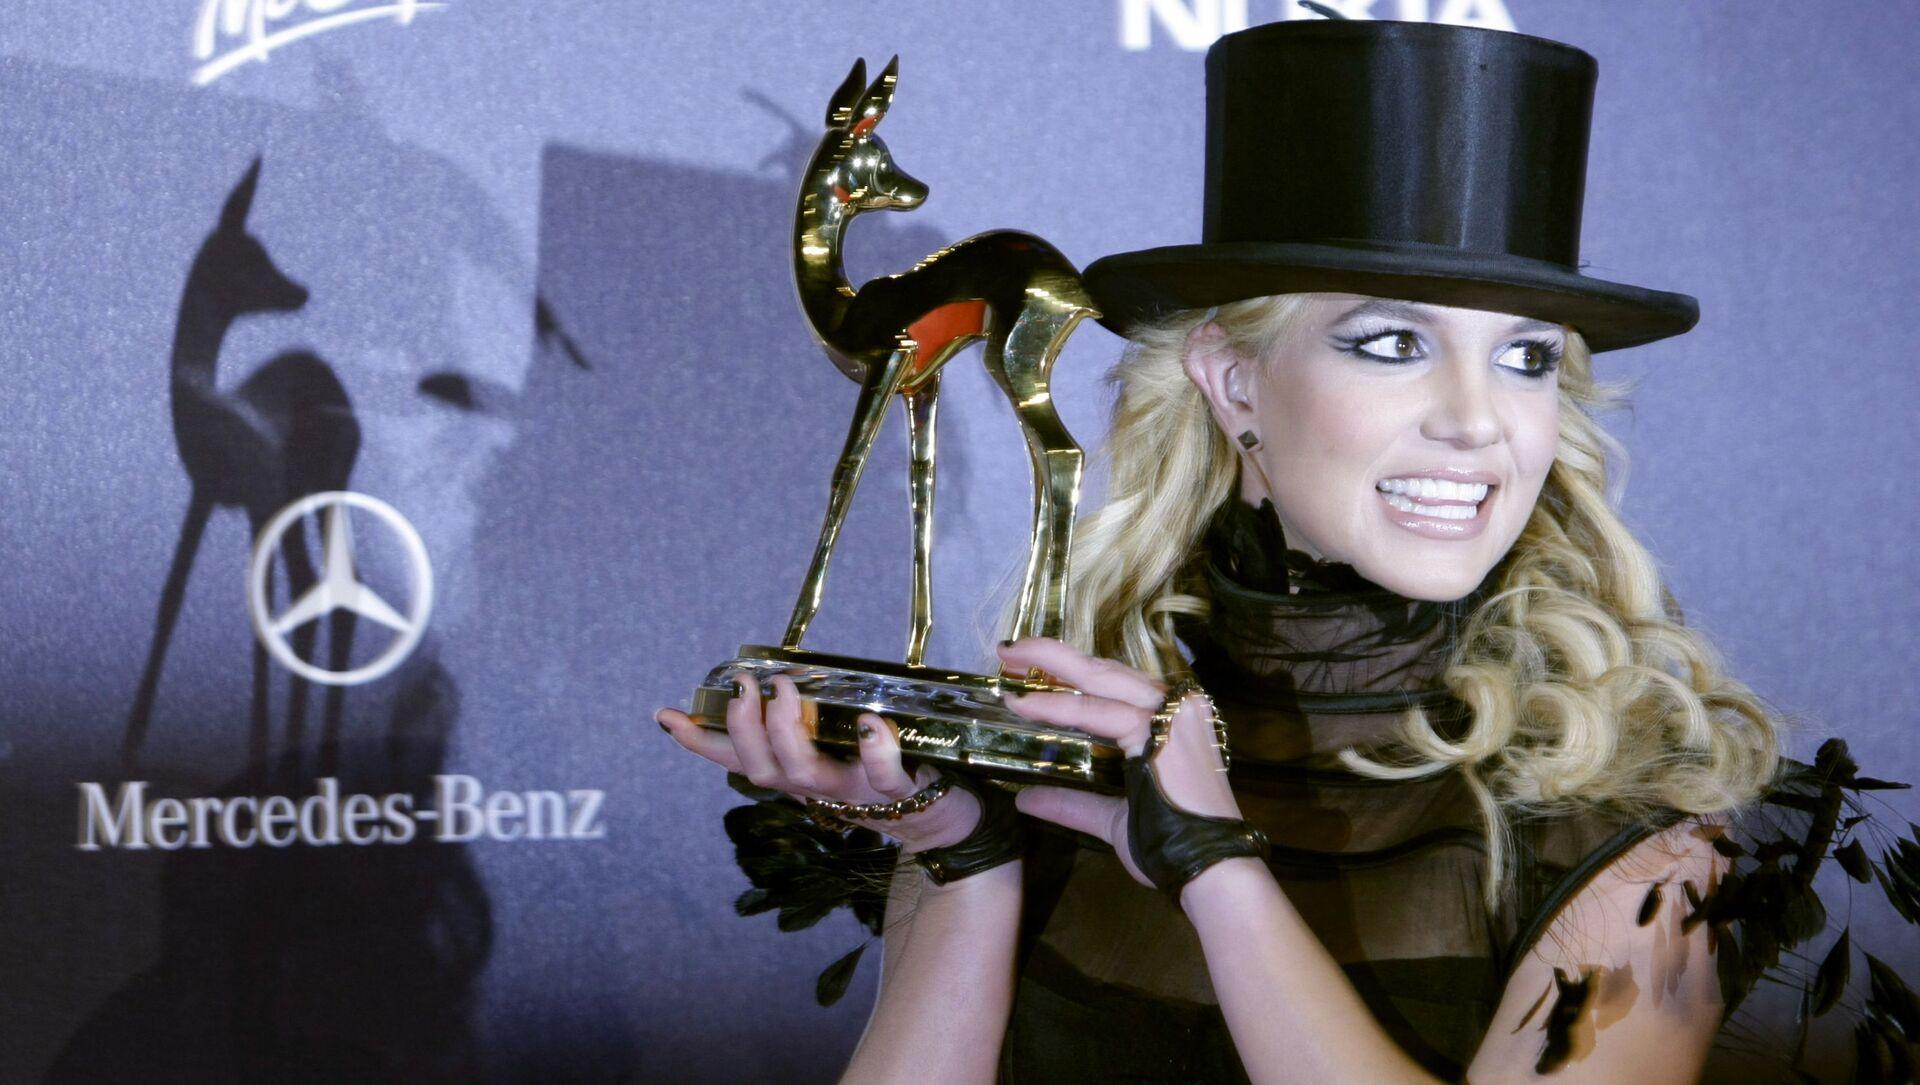 La cantante Britney Spears en noviembre de 2008 - Sputnik Mundo, 1920, 06.02.2021